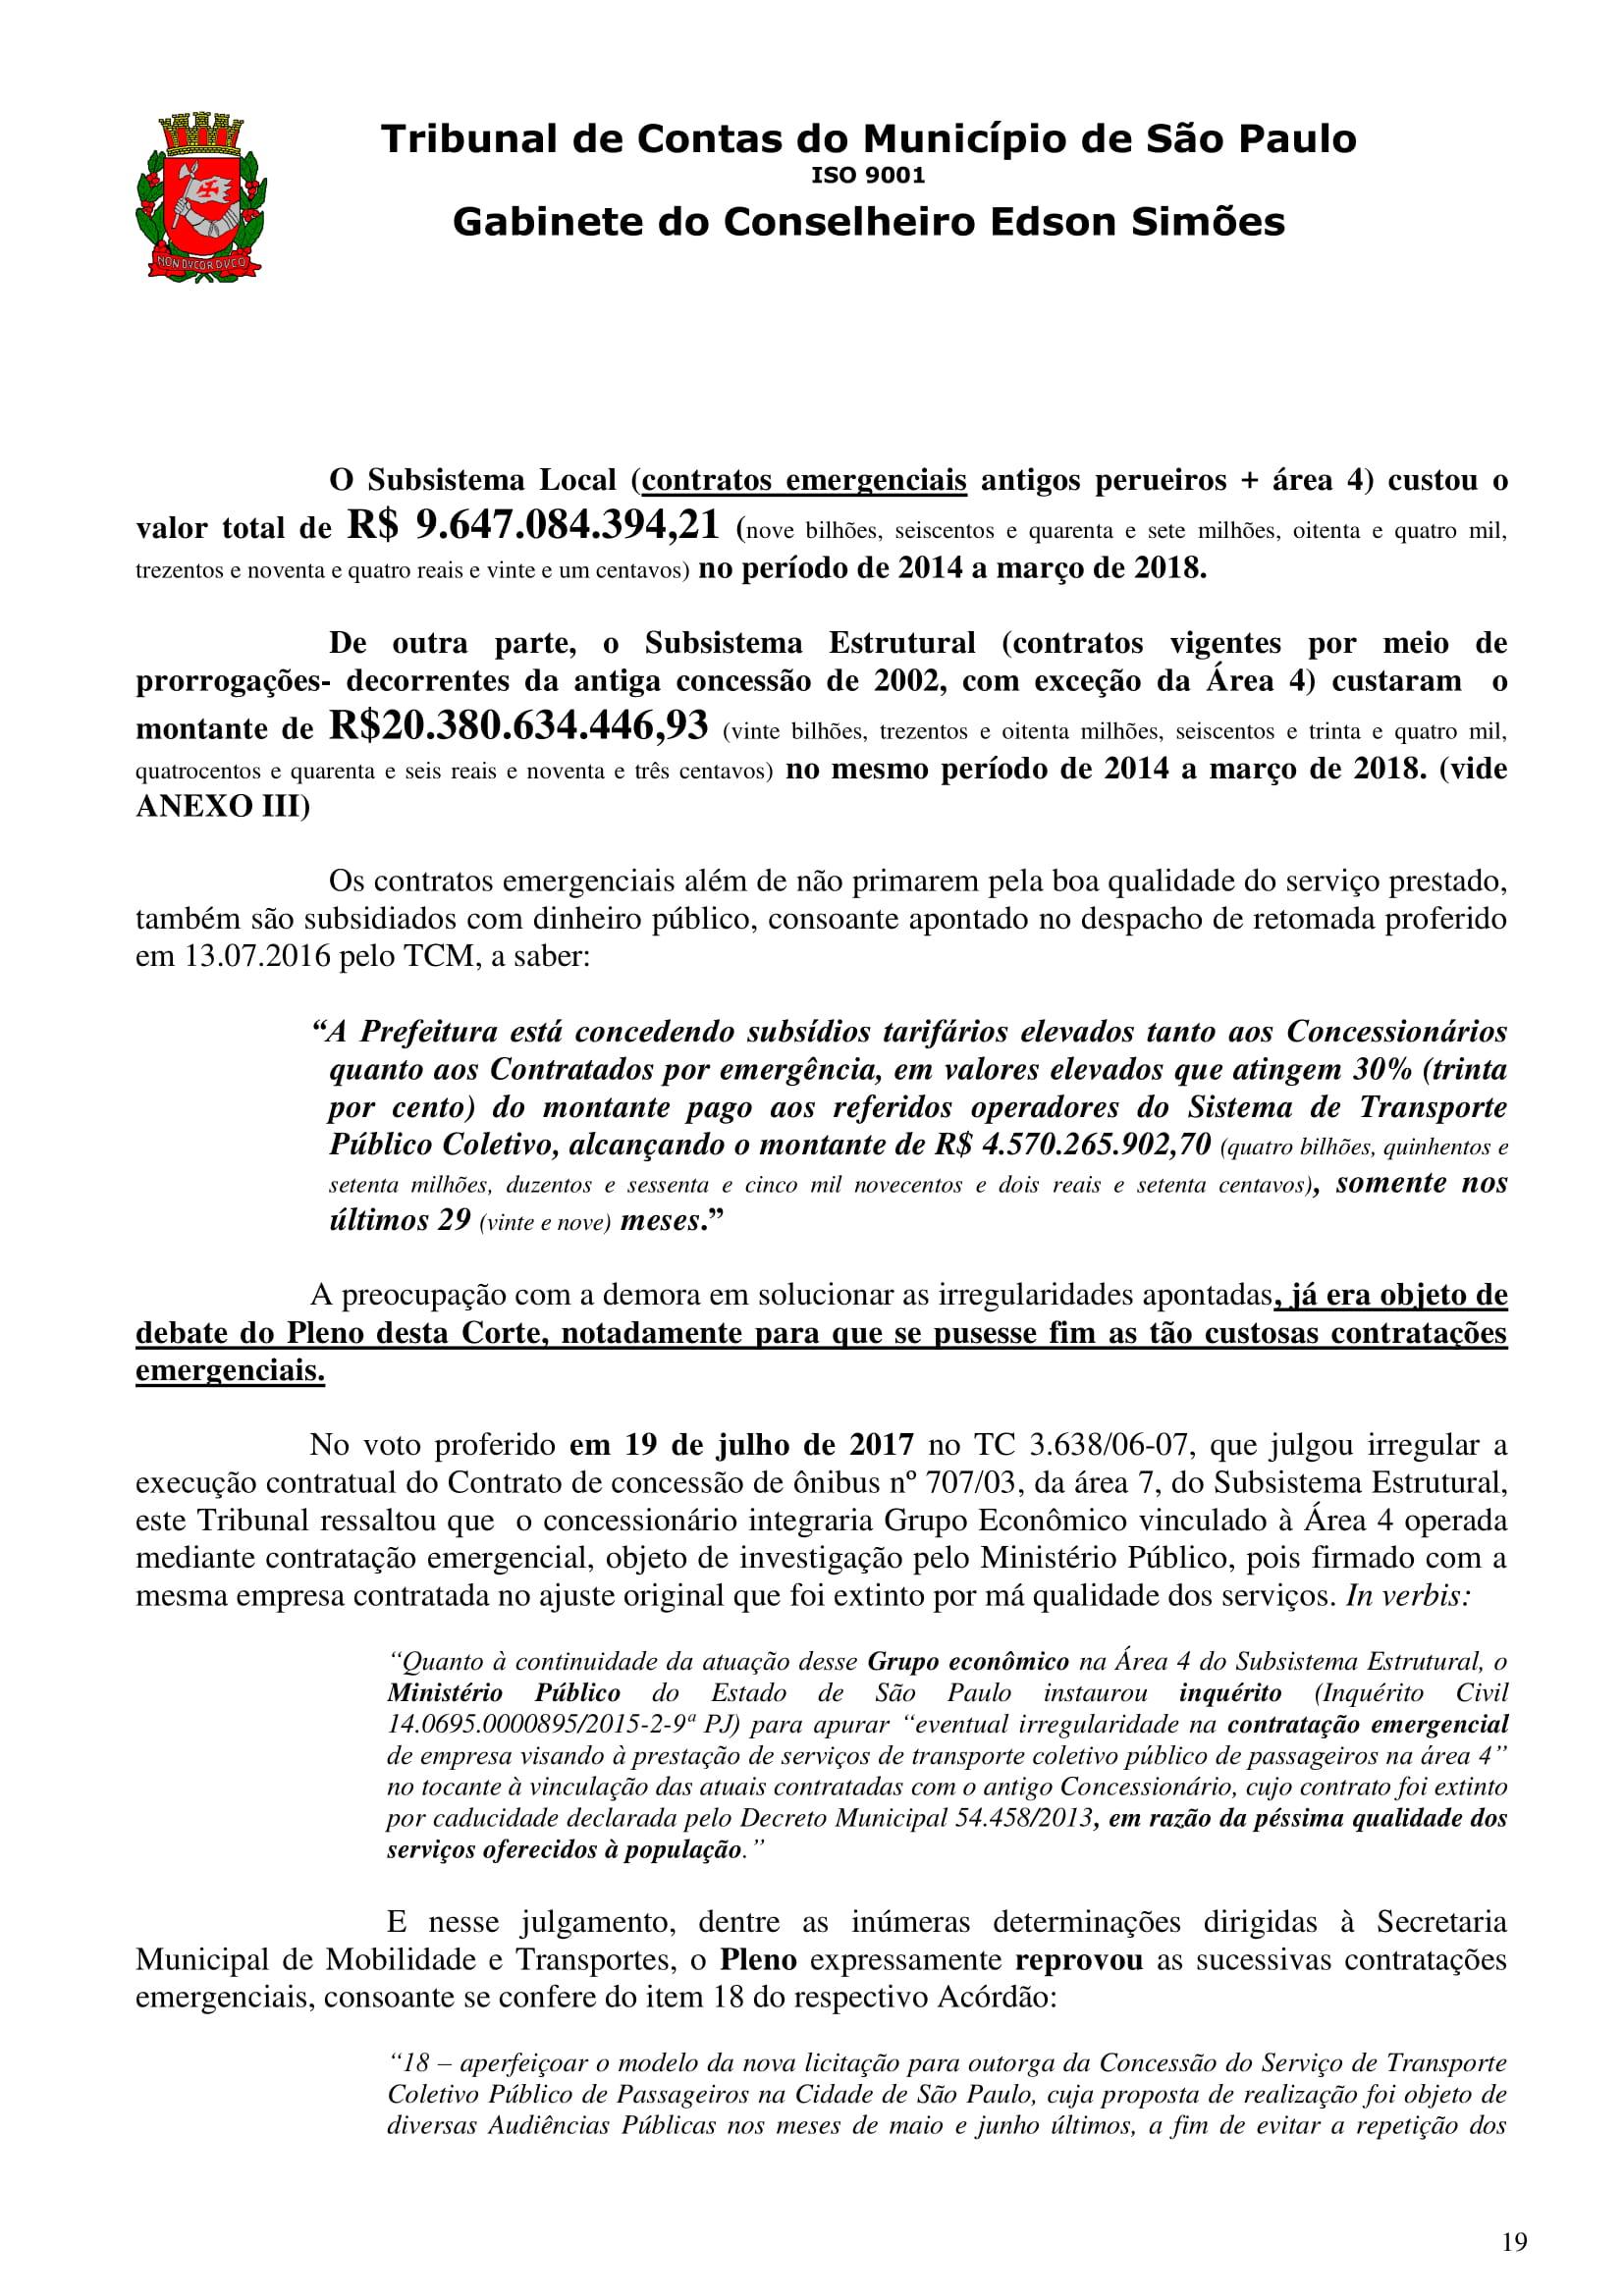 ofício-gb-2038-18 (Concessão Ônibus 2018) – SMT 08.08.18 – pdf-19